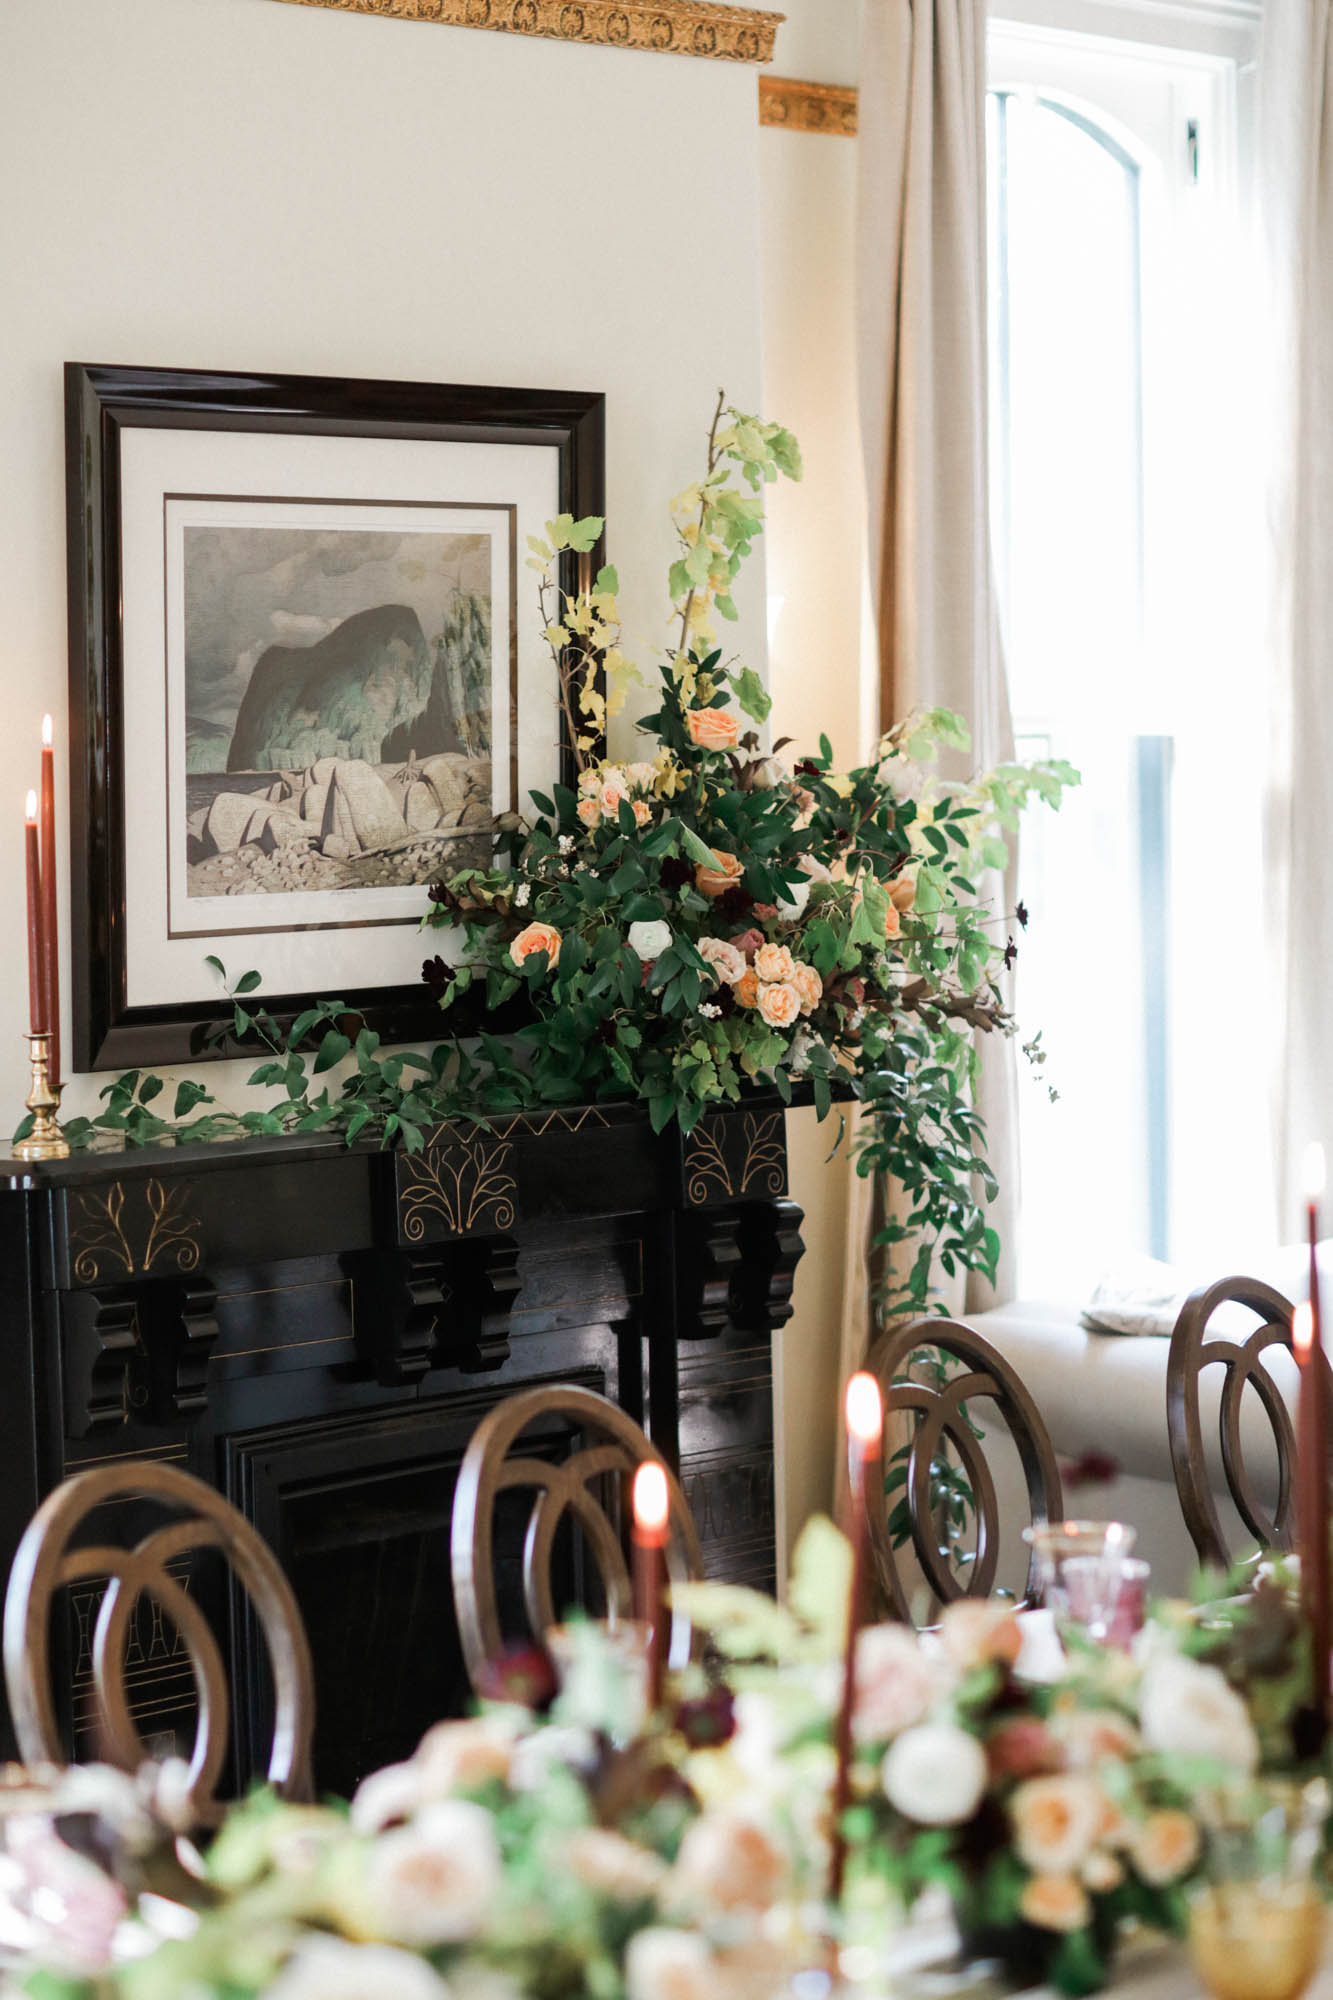 Craft Floral Workshop